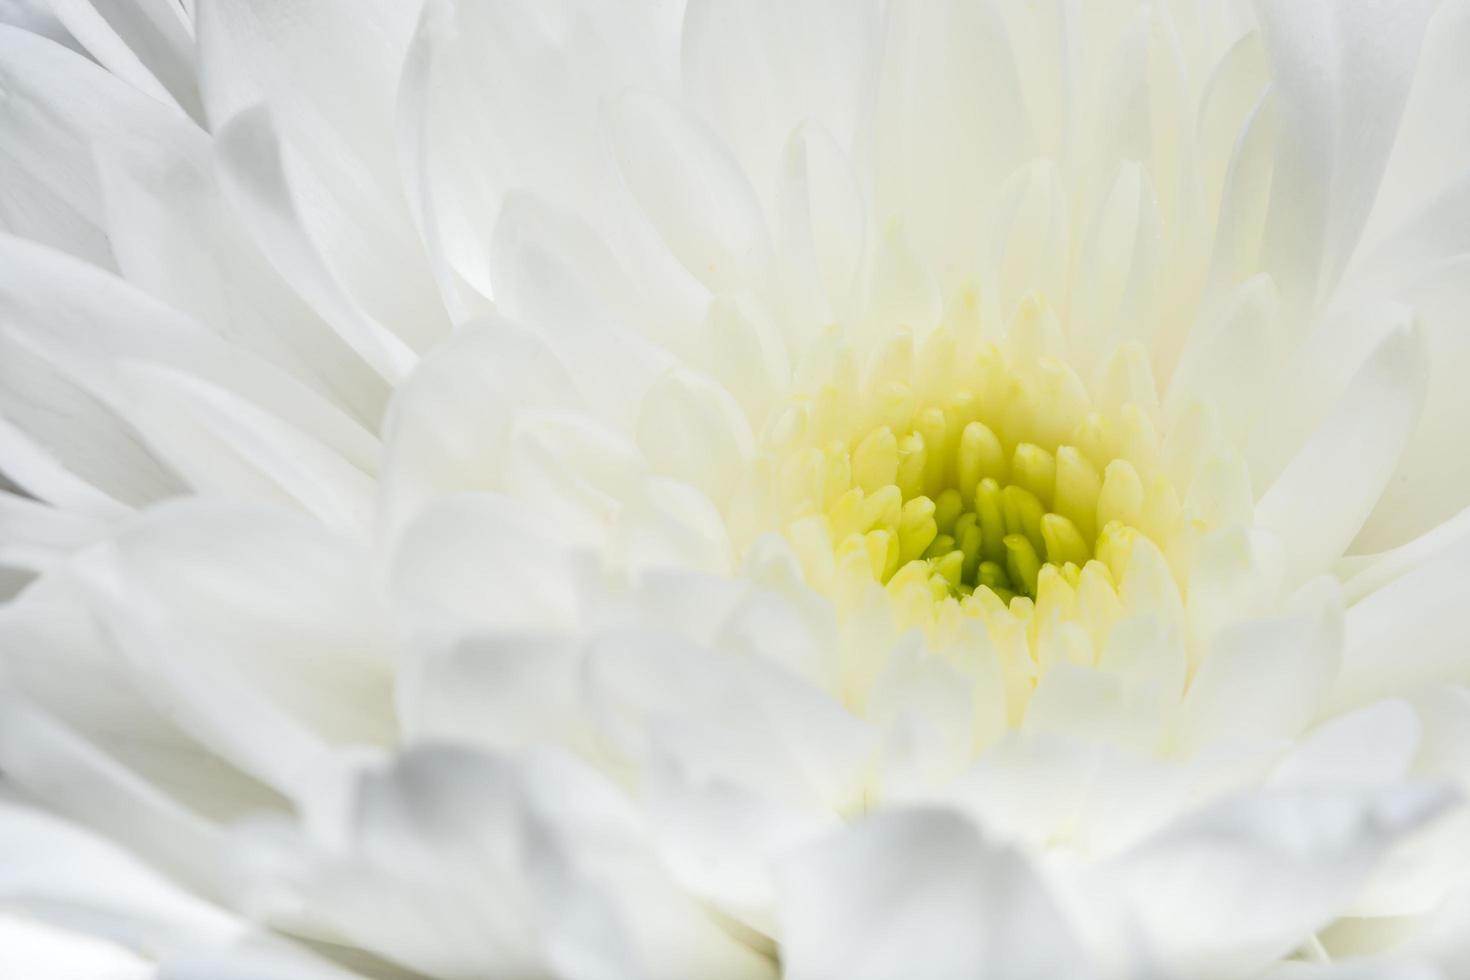 Chrysanthemum white flower close-up photo